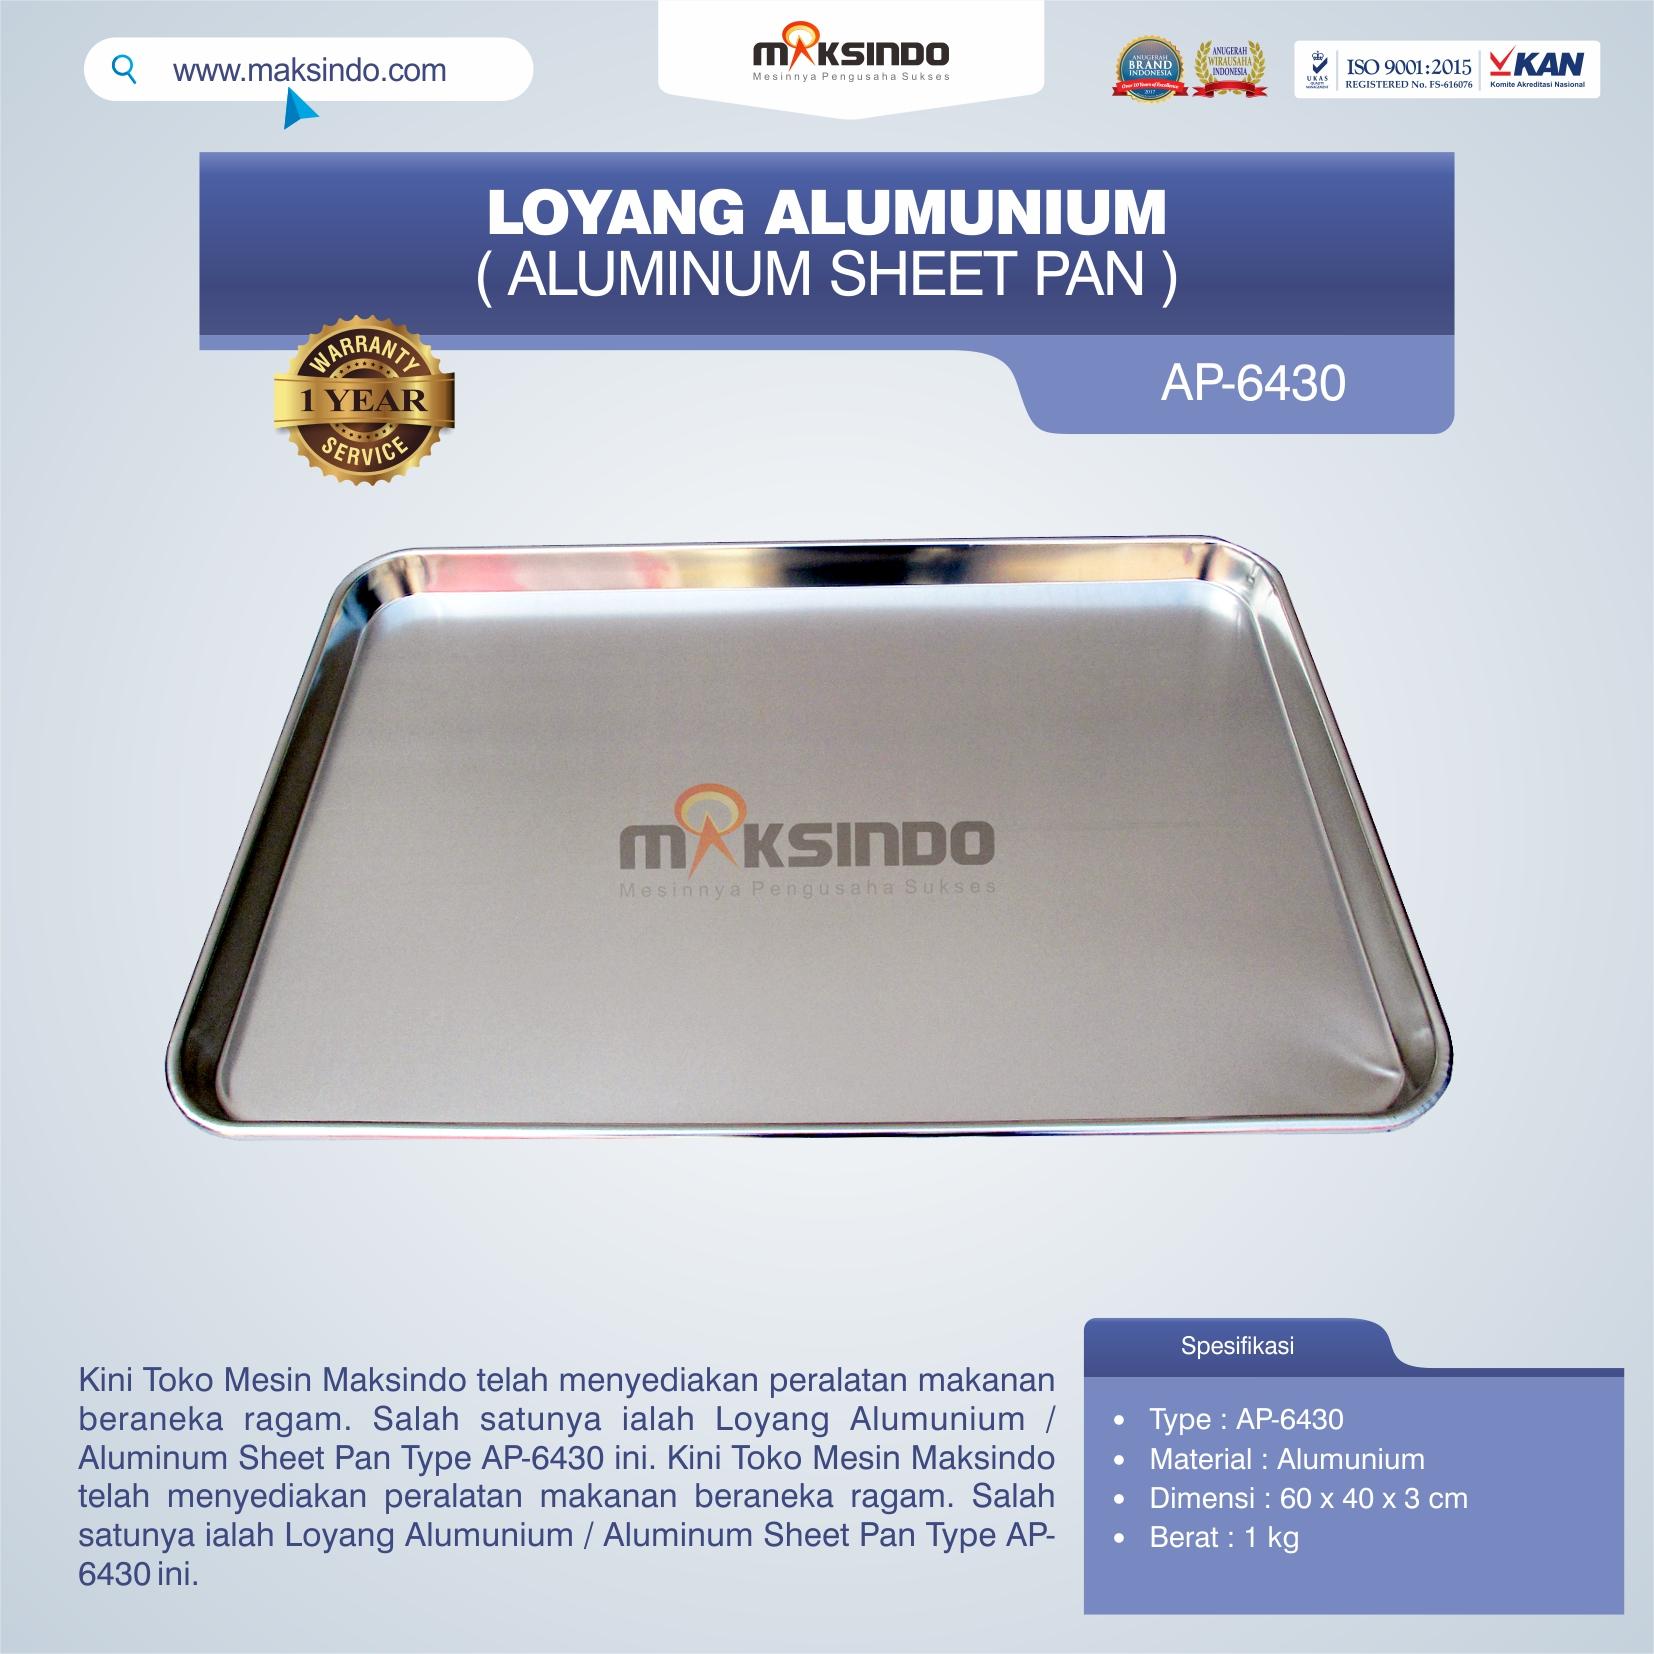 Jual Loyang Alumunium / Aluminum Sheet Pan Type AP-6430 di Bekasi